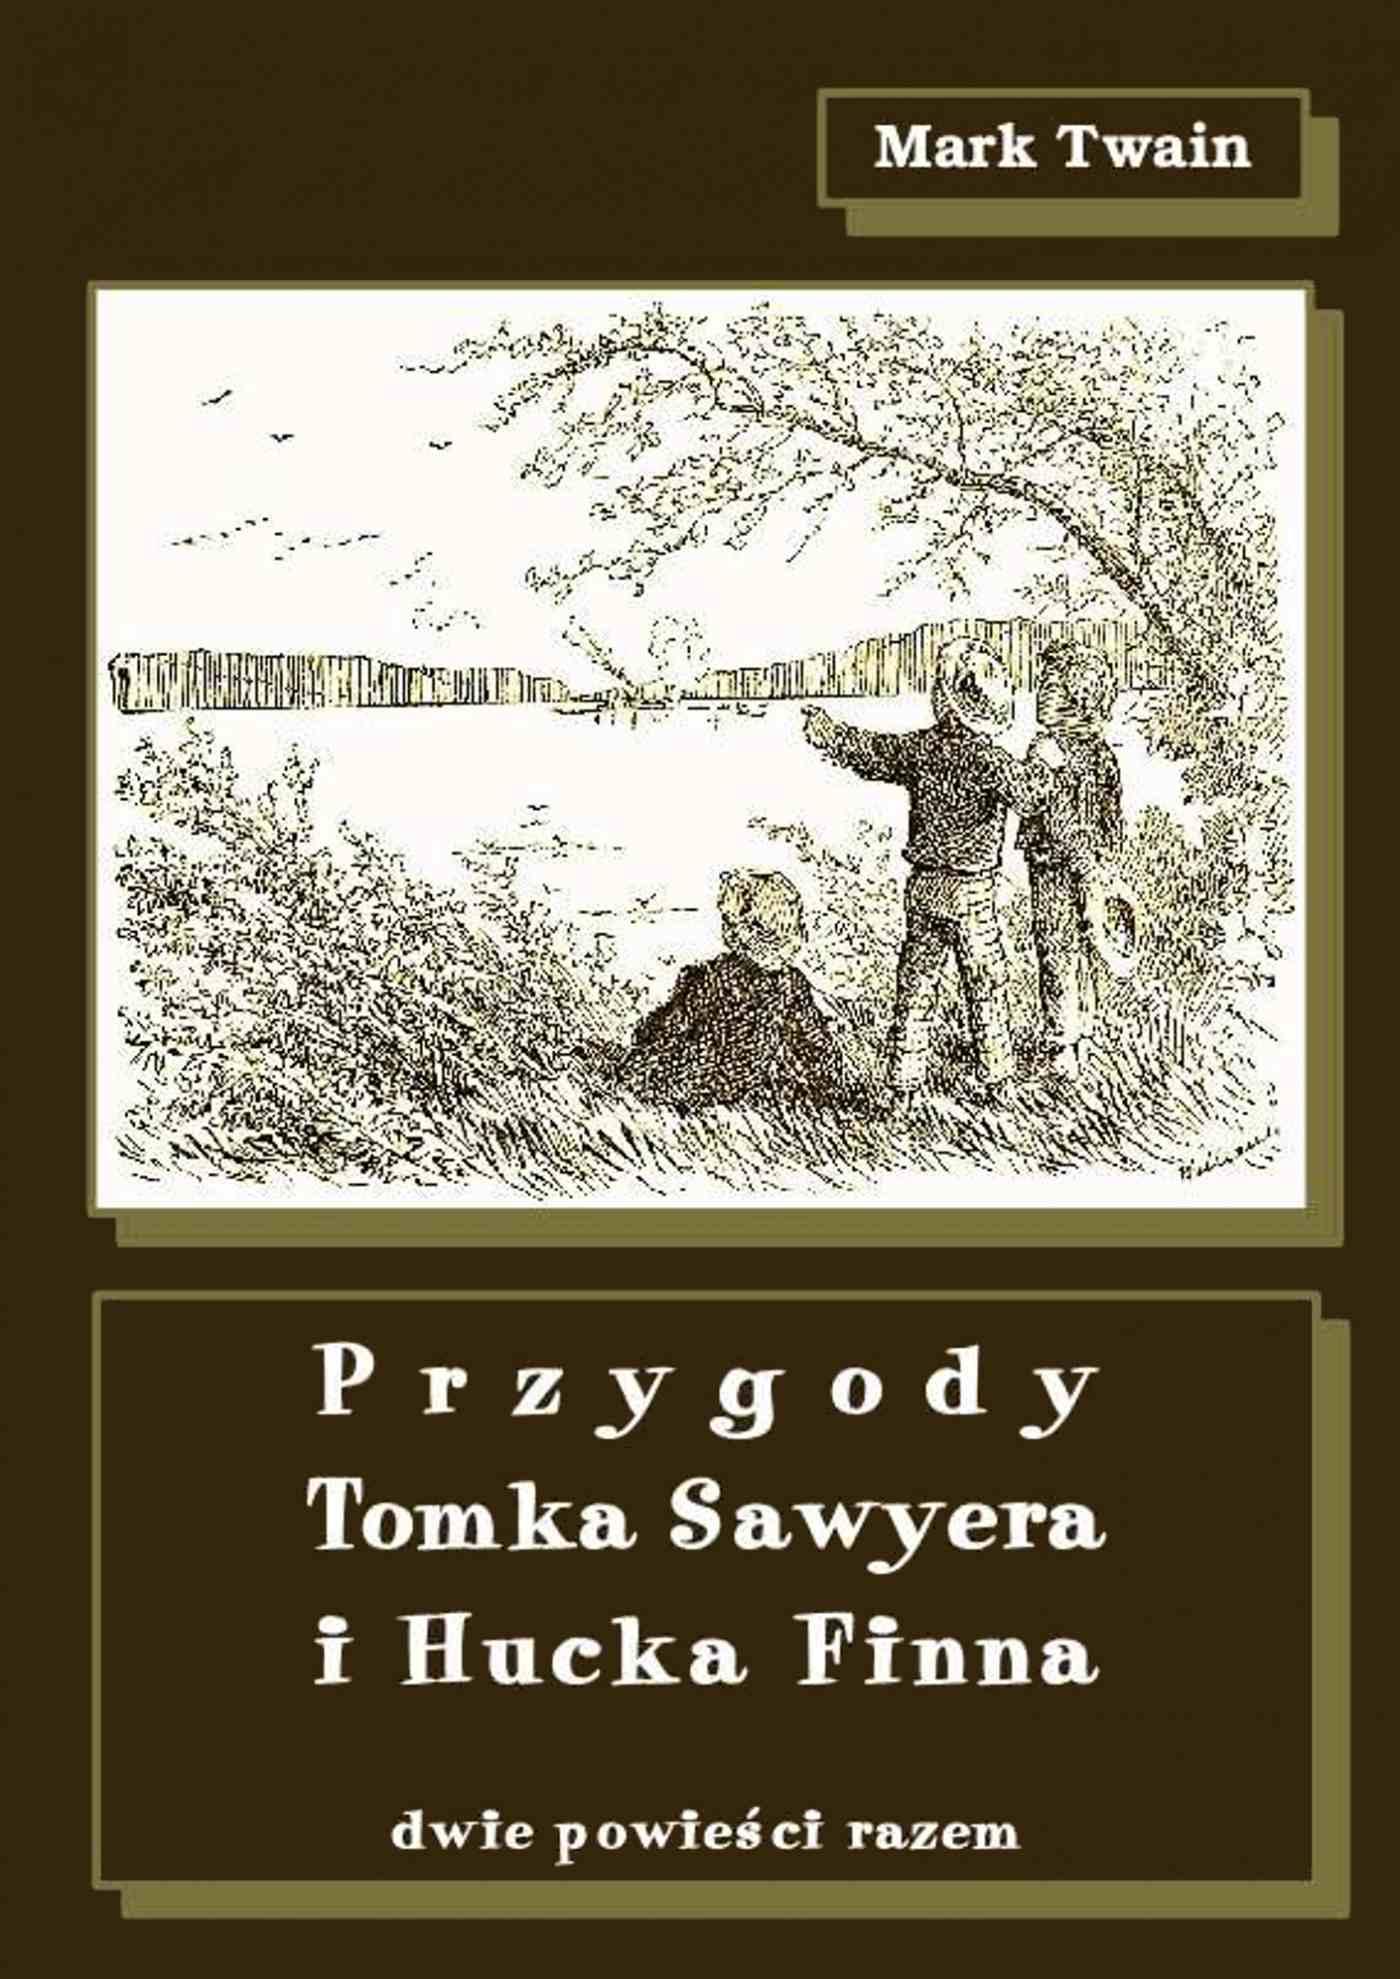 Przygody Tomka Sawyera i Hucka Finna. Dwie powieści razem - Ebook (Książka EPUB) do pobrania w formacie EPUB